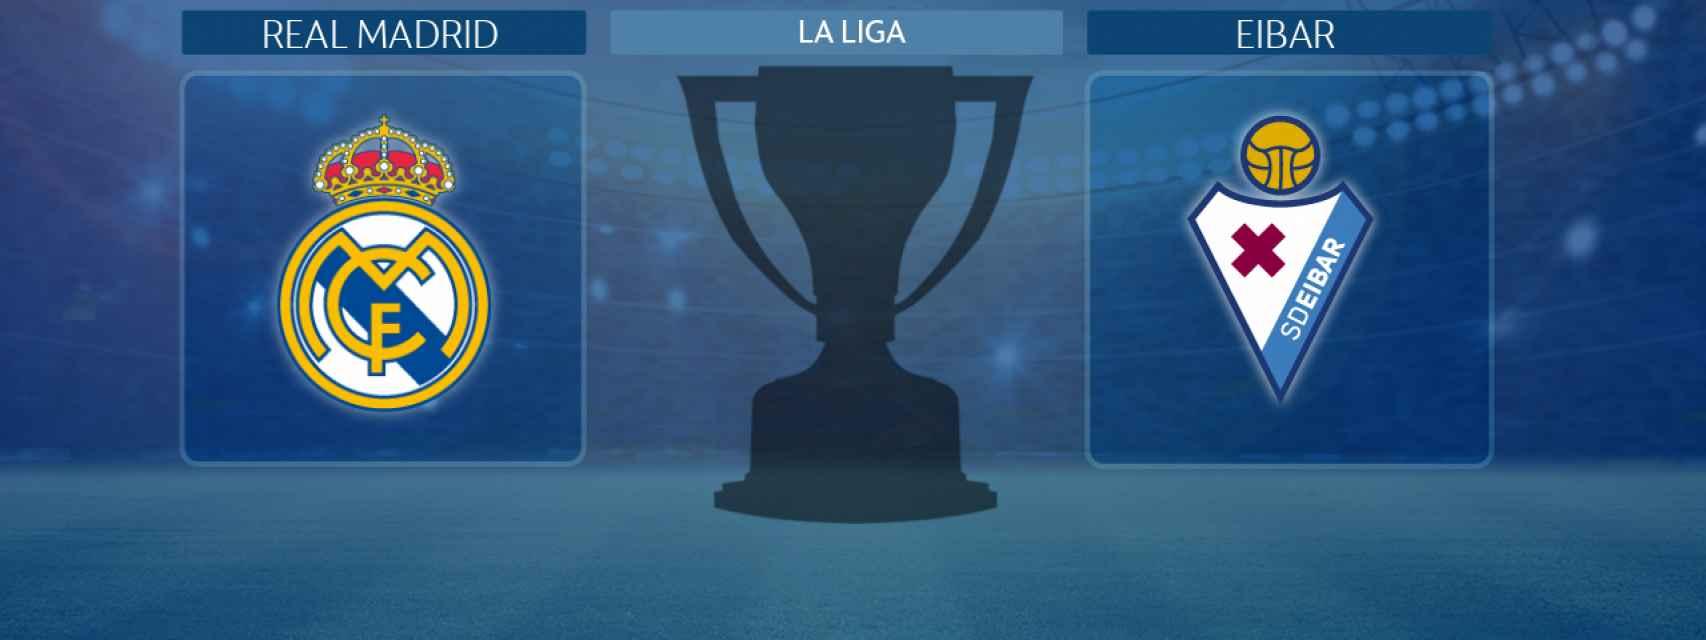 Real Madrid - Eibar, partido de La Liga